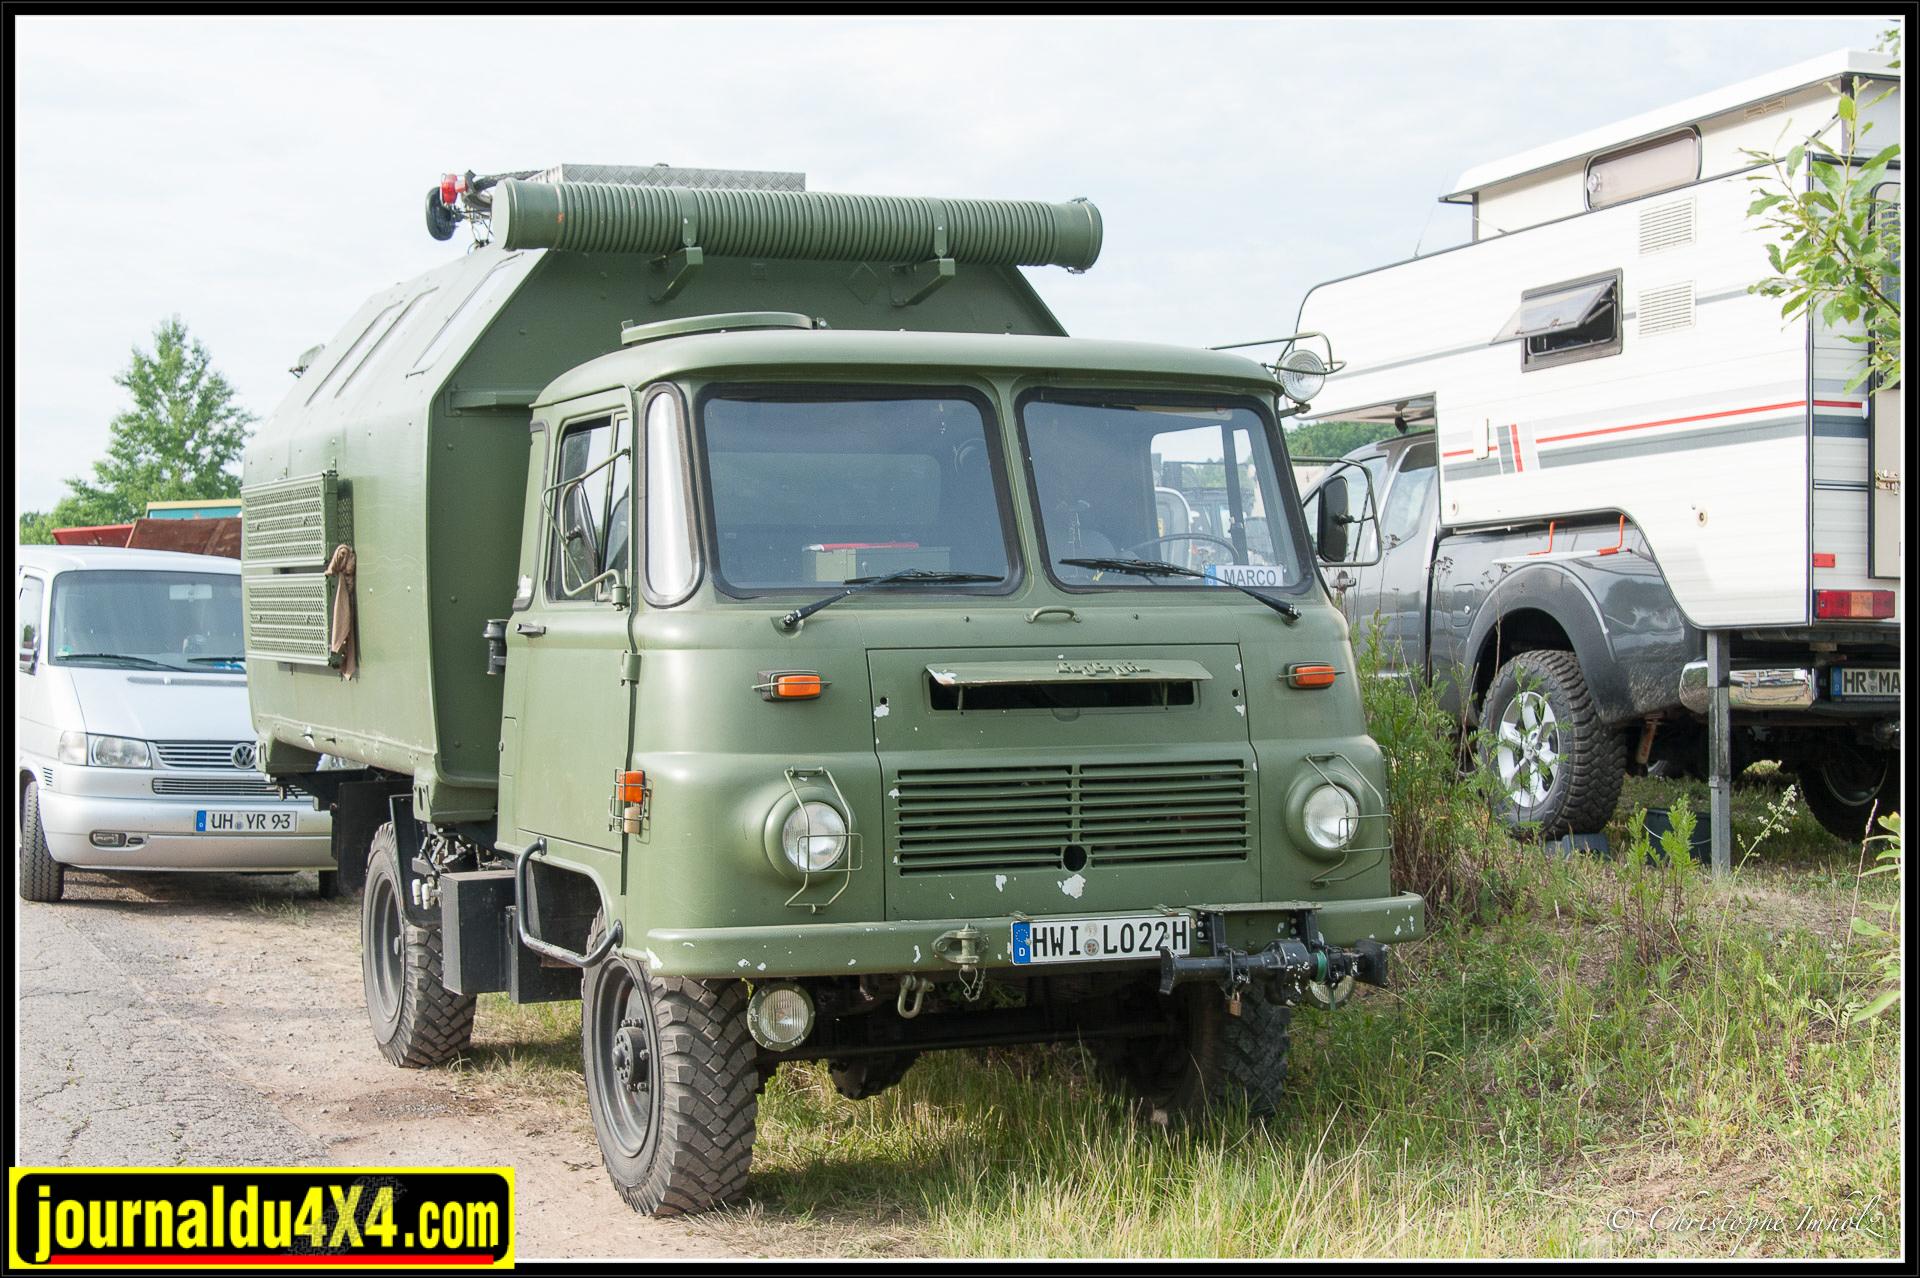 Petit camion de marque Robur, fabriqué en ex-Allemagne de l'Est